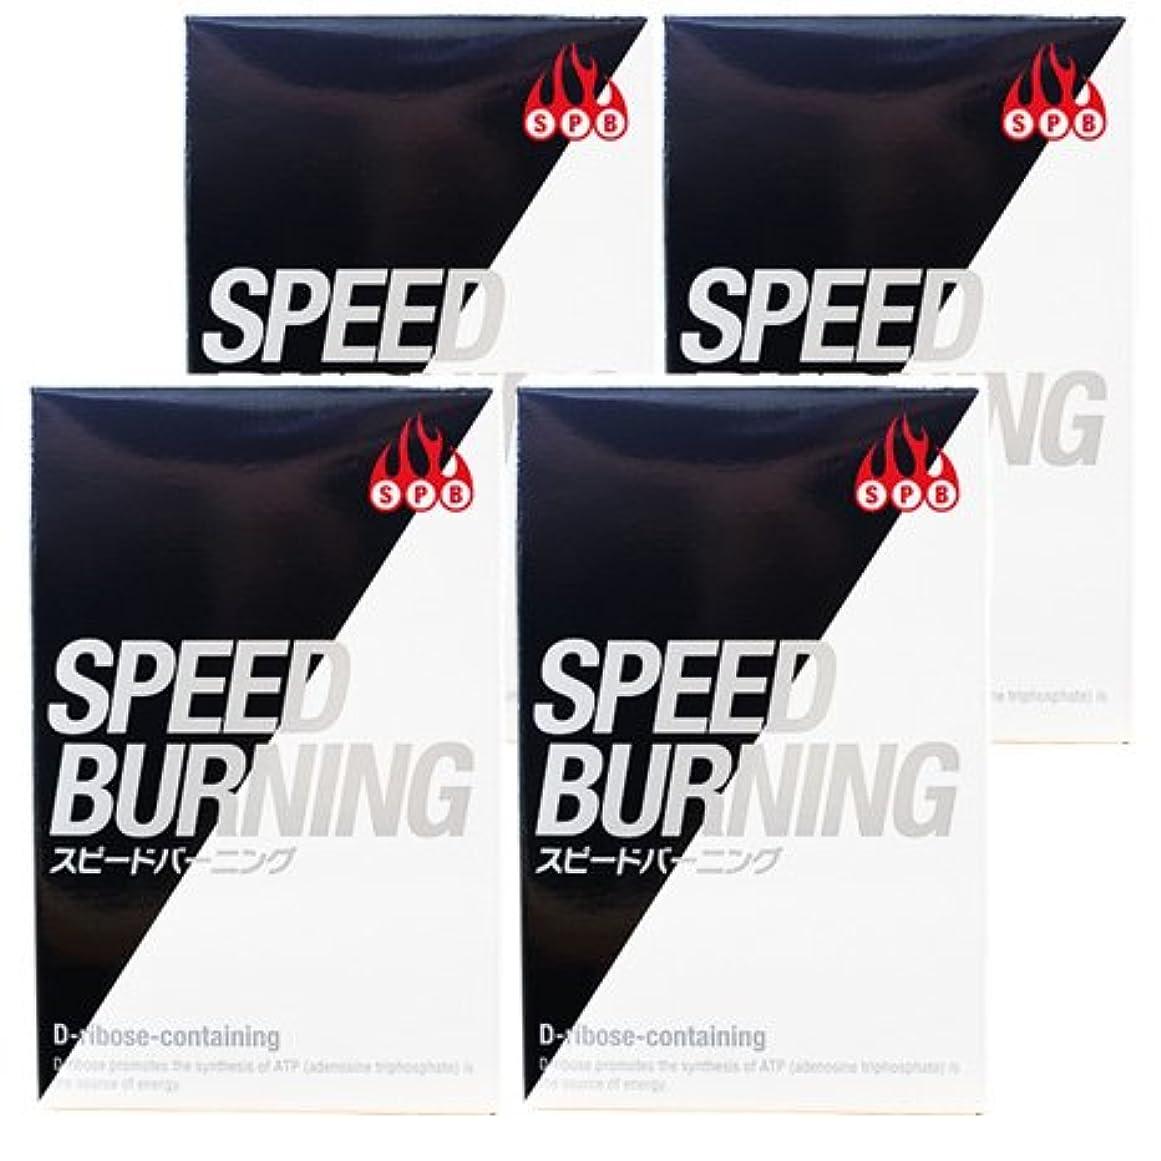 透明に惨めな生き返らせるスピードバーニング SPEED BURNING×4個